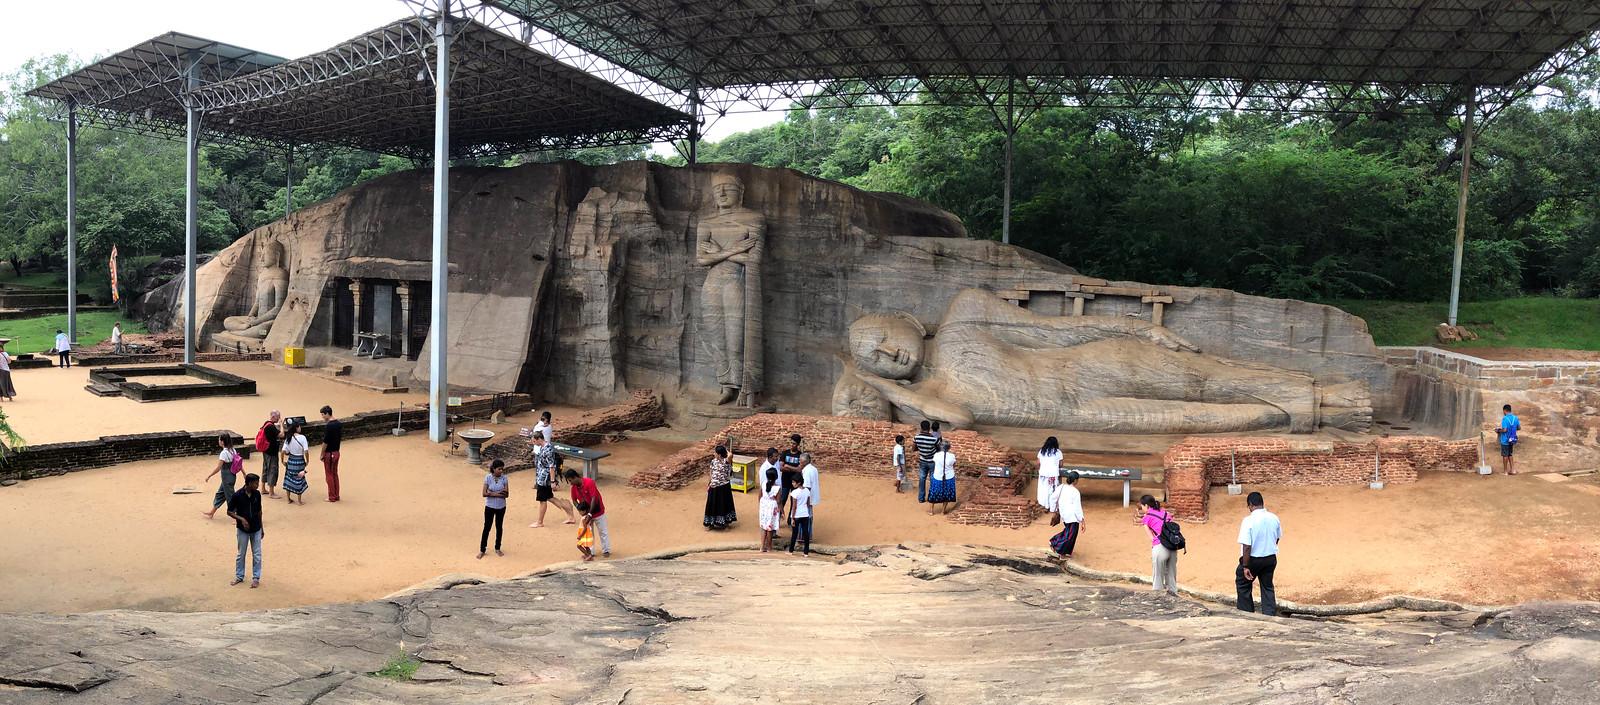 Visitar Polonnaruwa, la antigua capital de Sri Lanka visitar polonnaruwa - 46865605581 55698c44da h - Visitar Polonnaruwa, la antigua capital de Sri Lanka